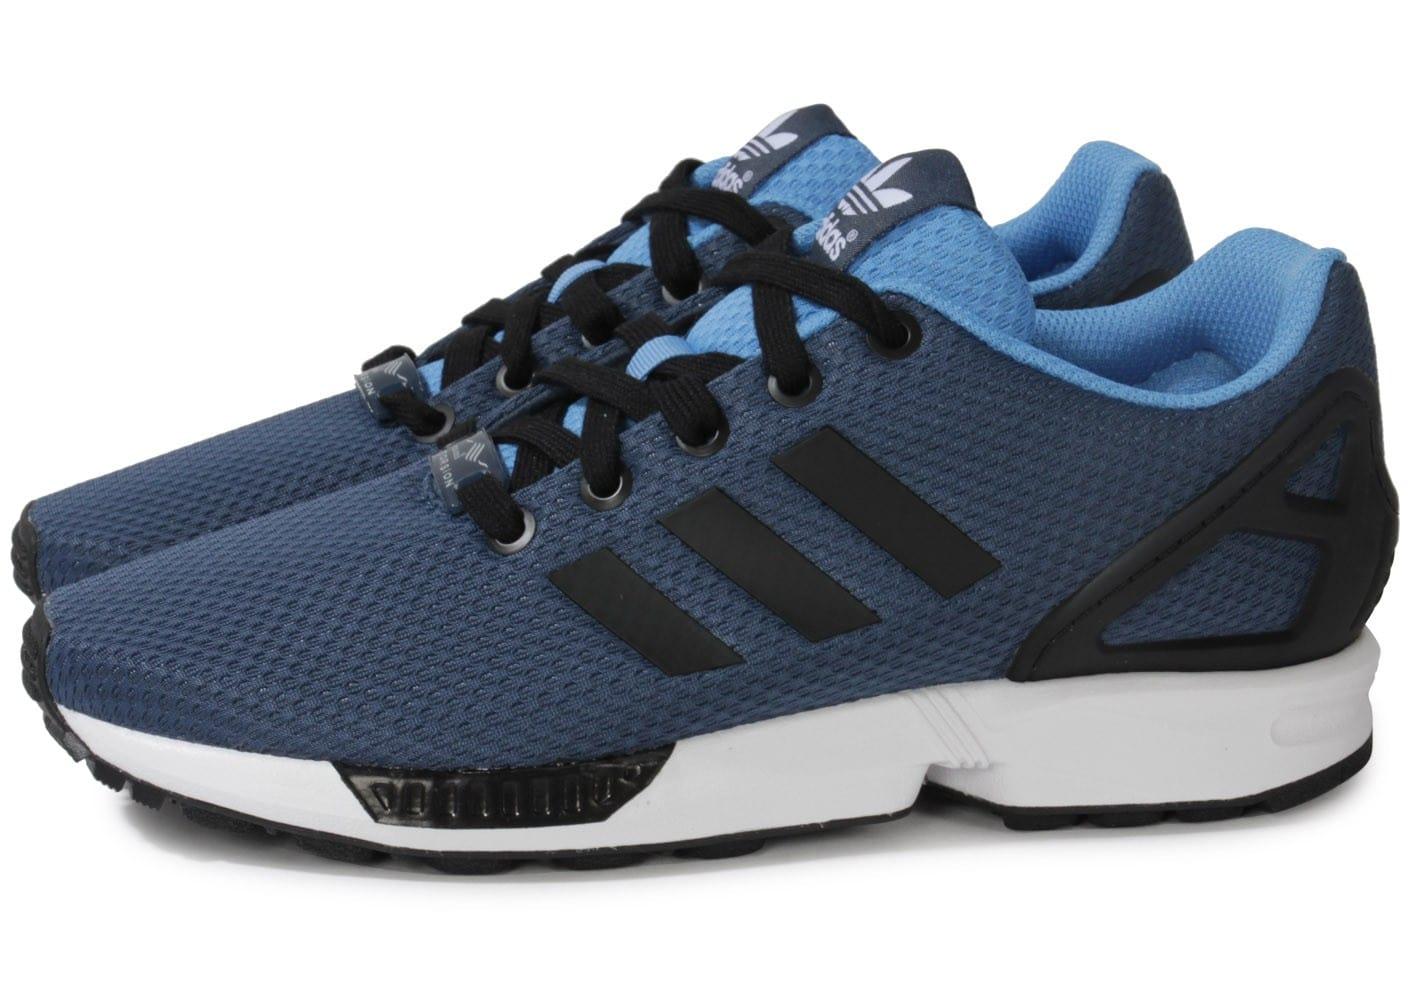 meilleure sélection 565e8 240f8 Vente en gros adidas zx flux bleu et noir Pas cher ...